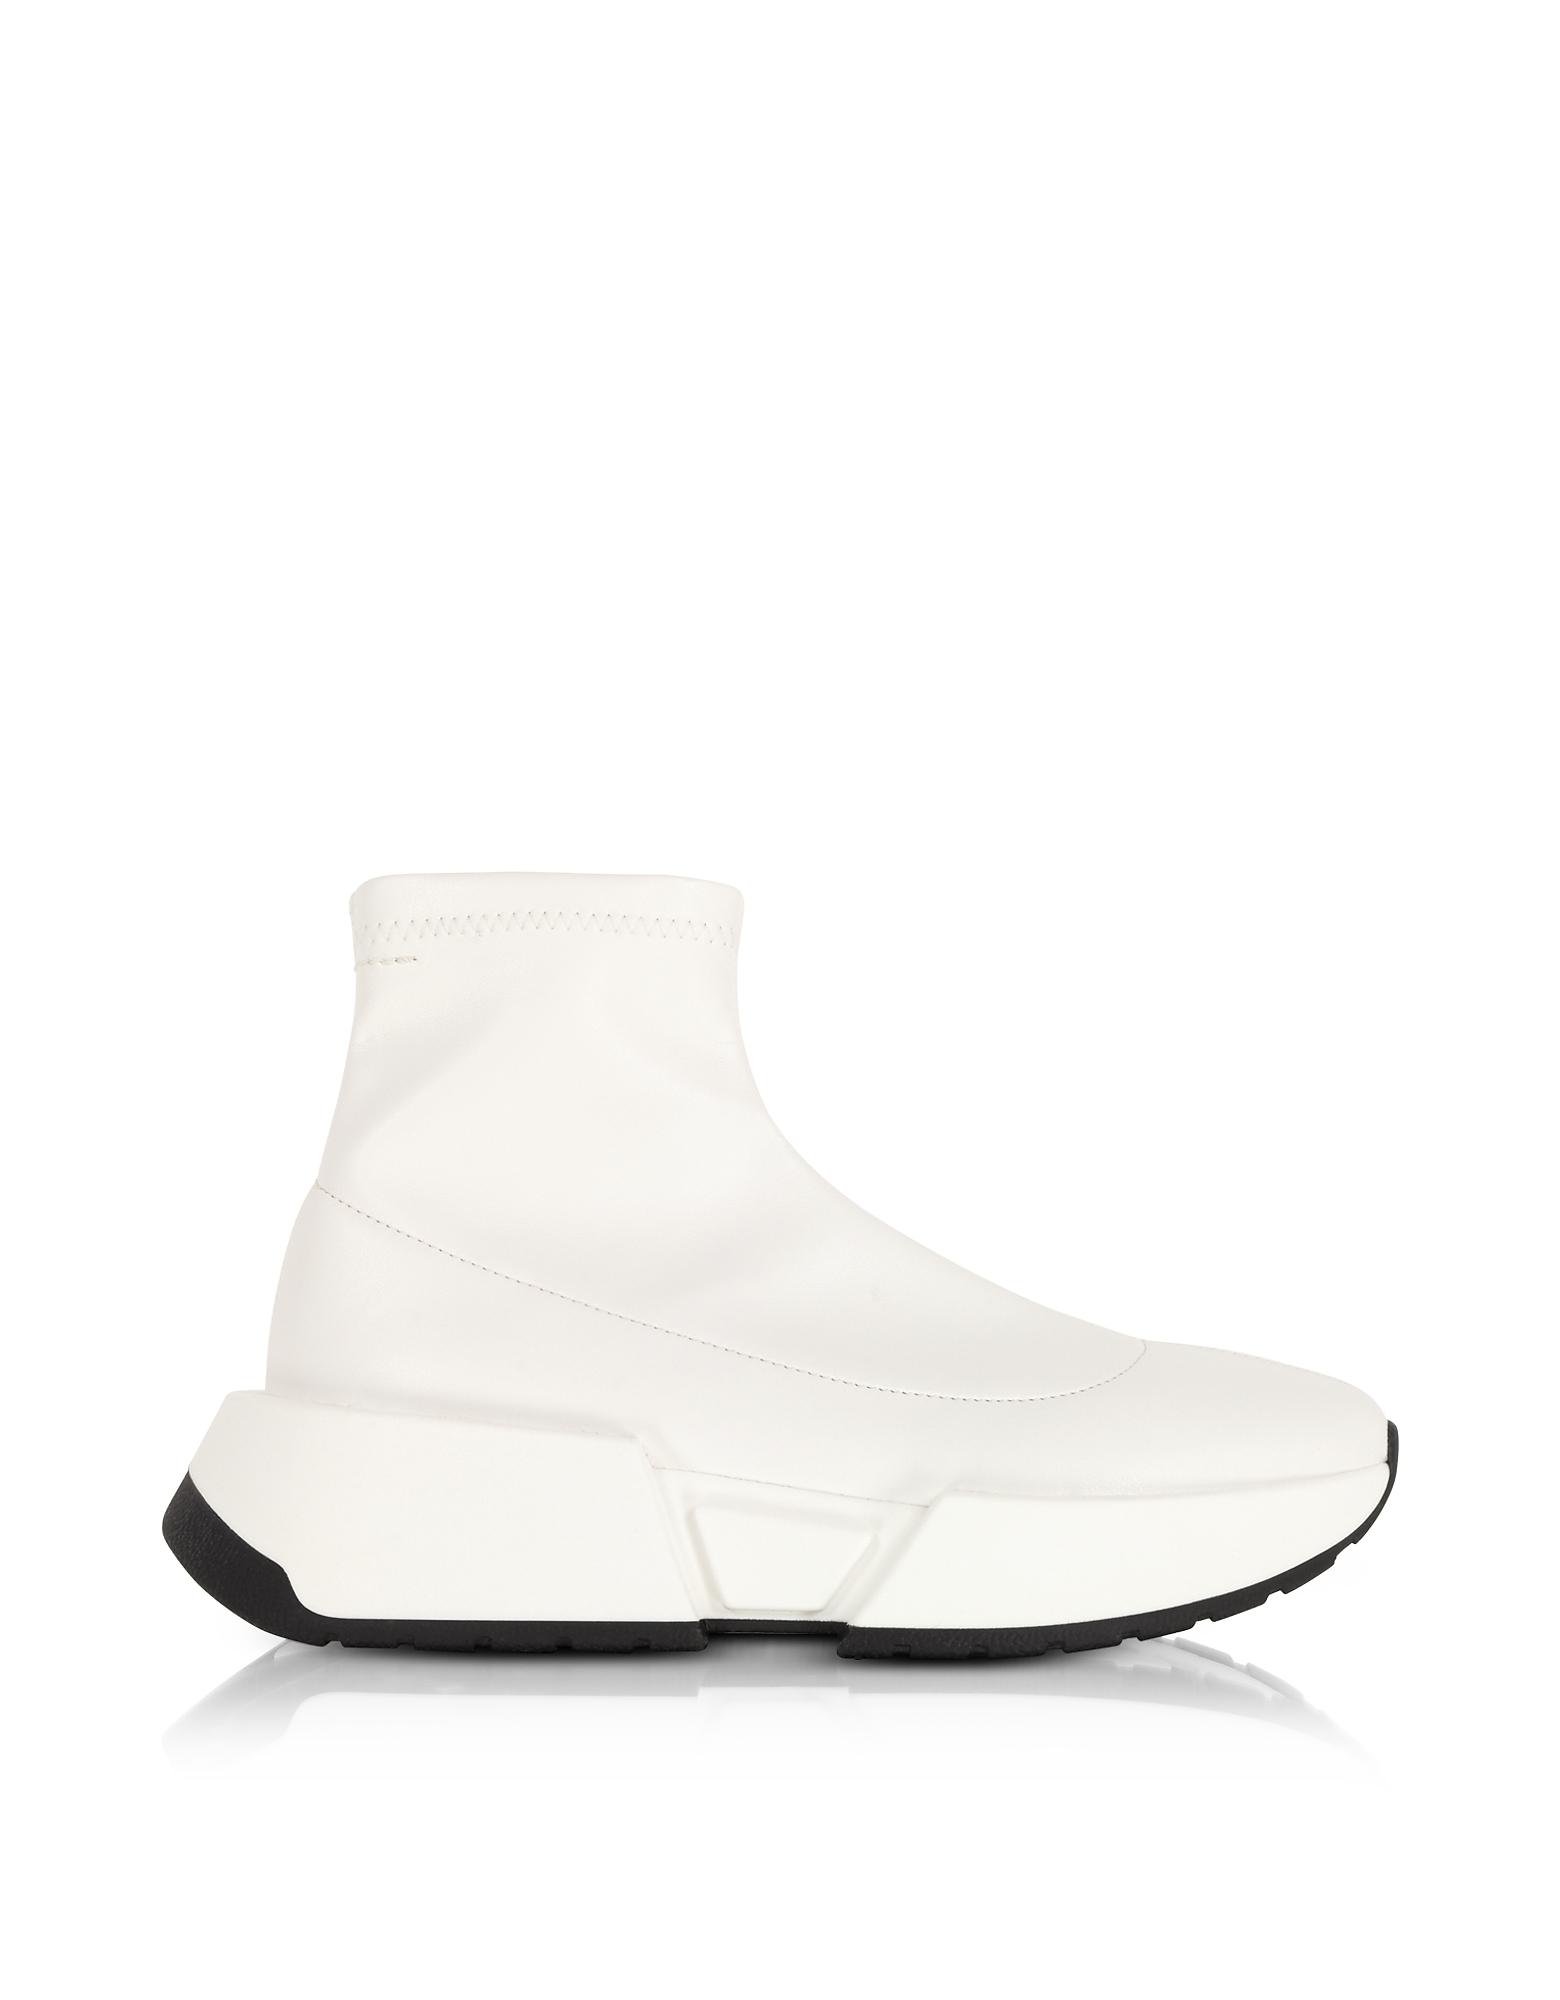 Stretch Blanc En Cuir De Chaussettes Sneakers